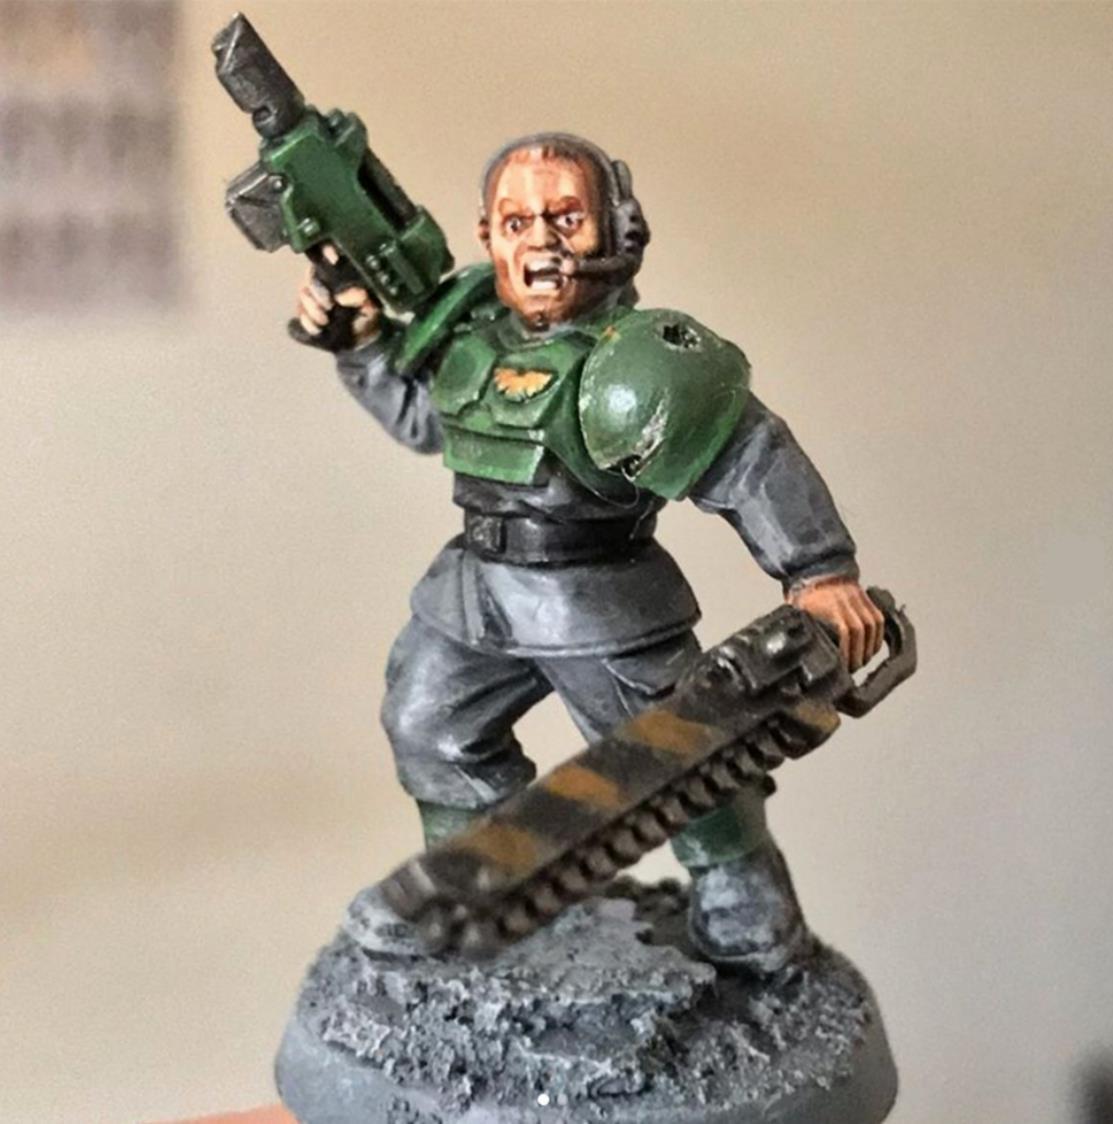 Astra Militarum Seargent